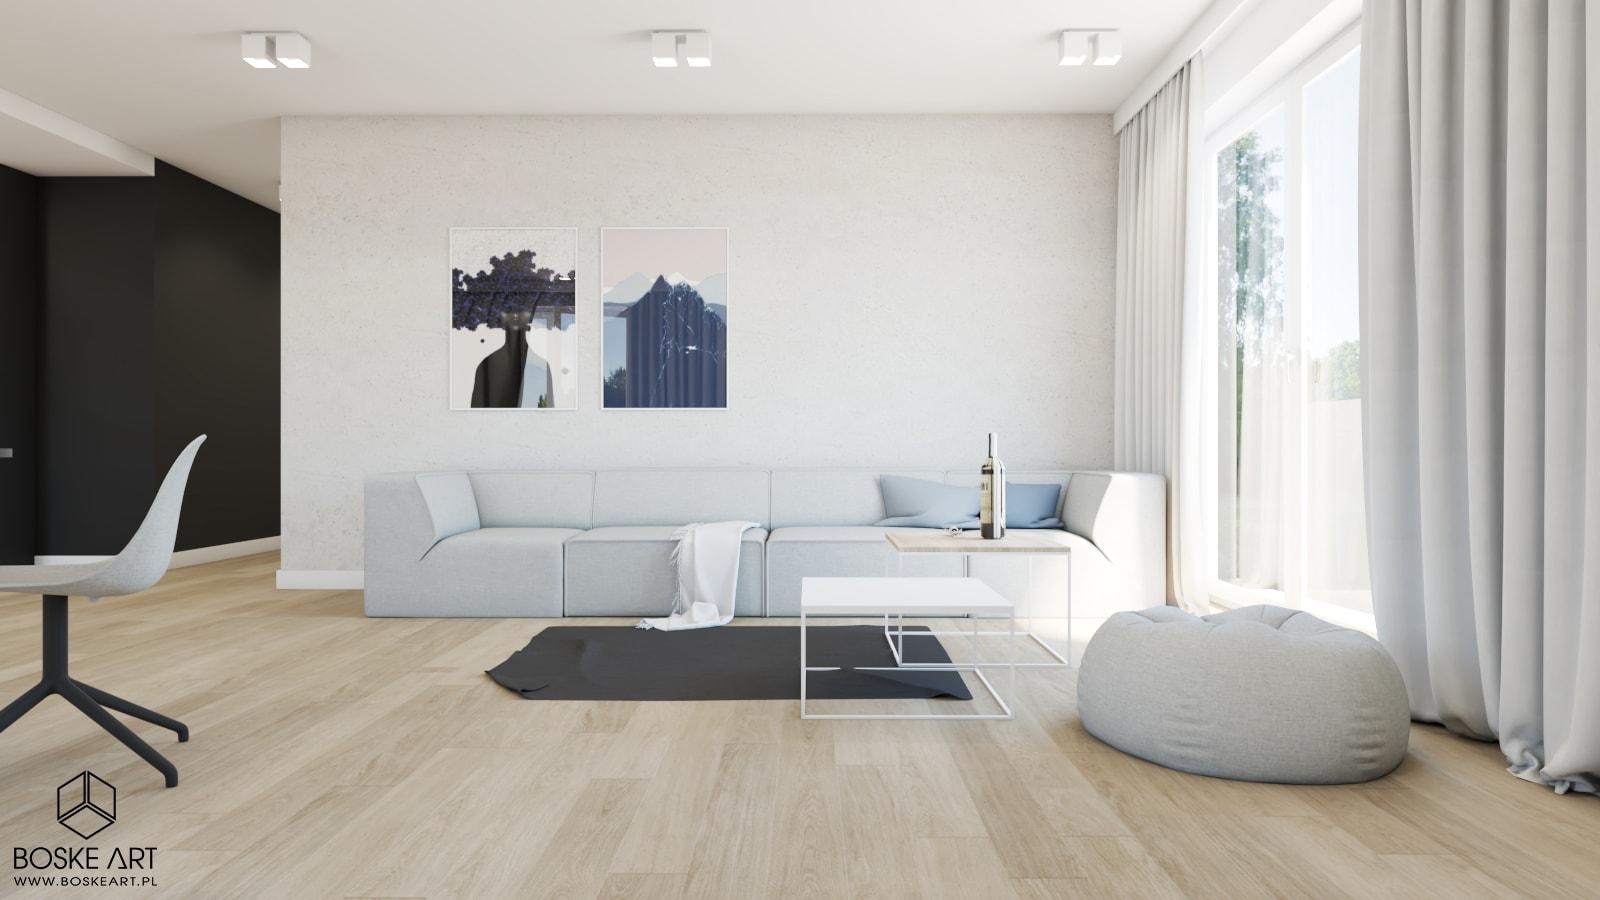 6_mieszkanie_jarocin_boske_art_projektowanie_wnetrz_architektura_natalia_robaszkiewicz-min